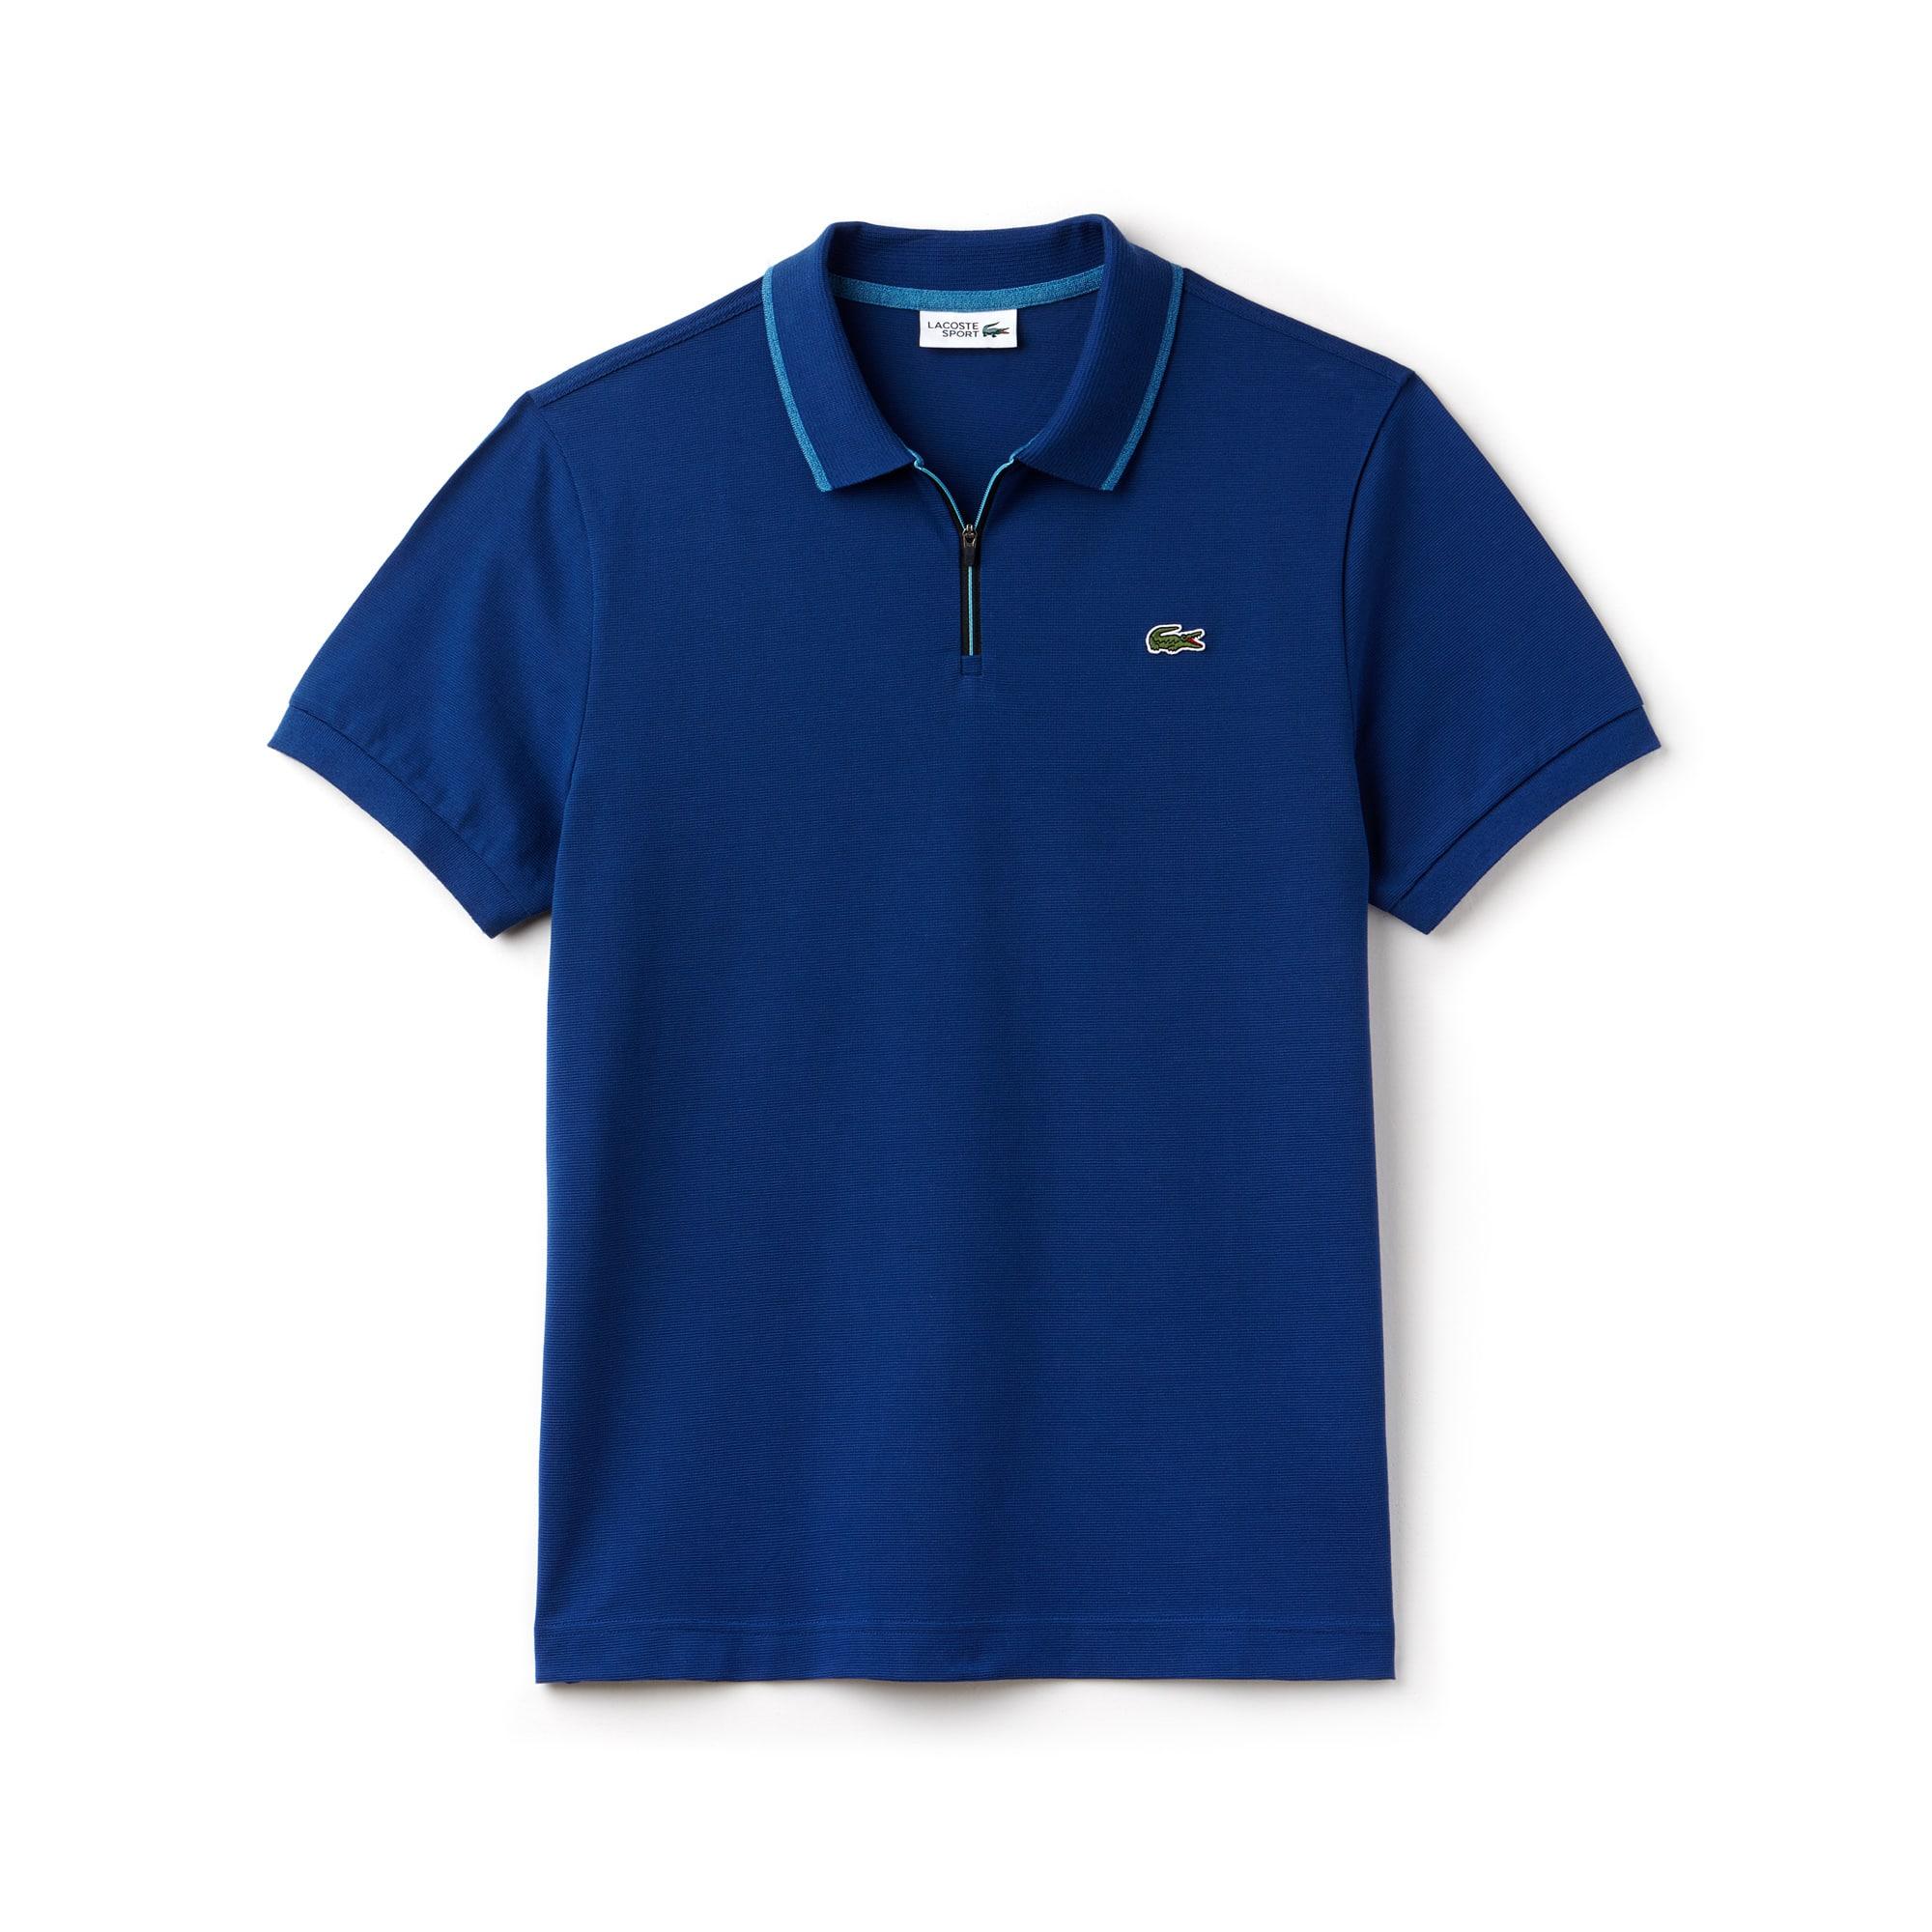 قميص بولو للتنس رجالي من لاكوست سبورت بلمسات متباينة الألوان وبخامة قطنية خفيفة للغاية